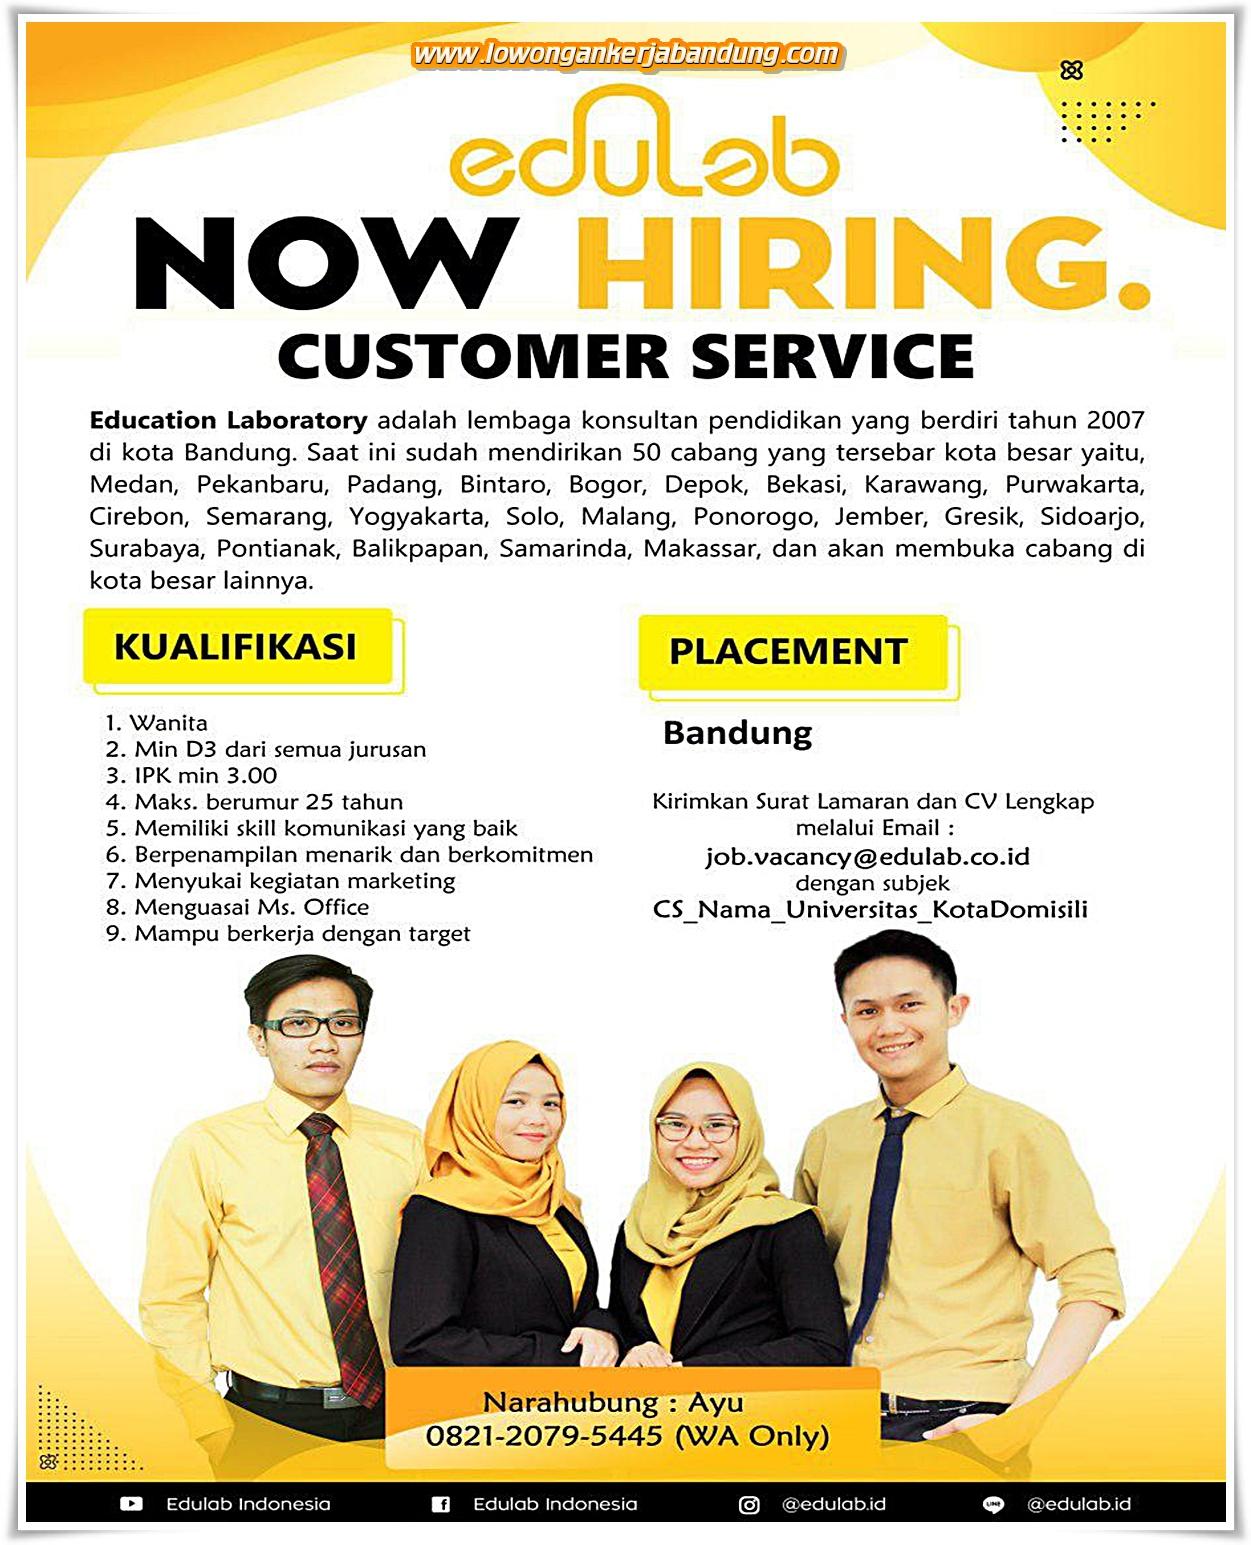 Lowongan Kerja Customer Service Bimbingan Belajar Edulab ...